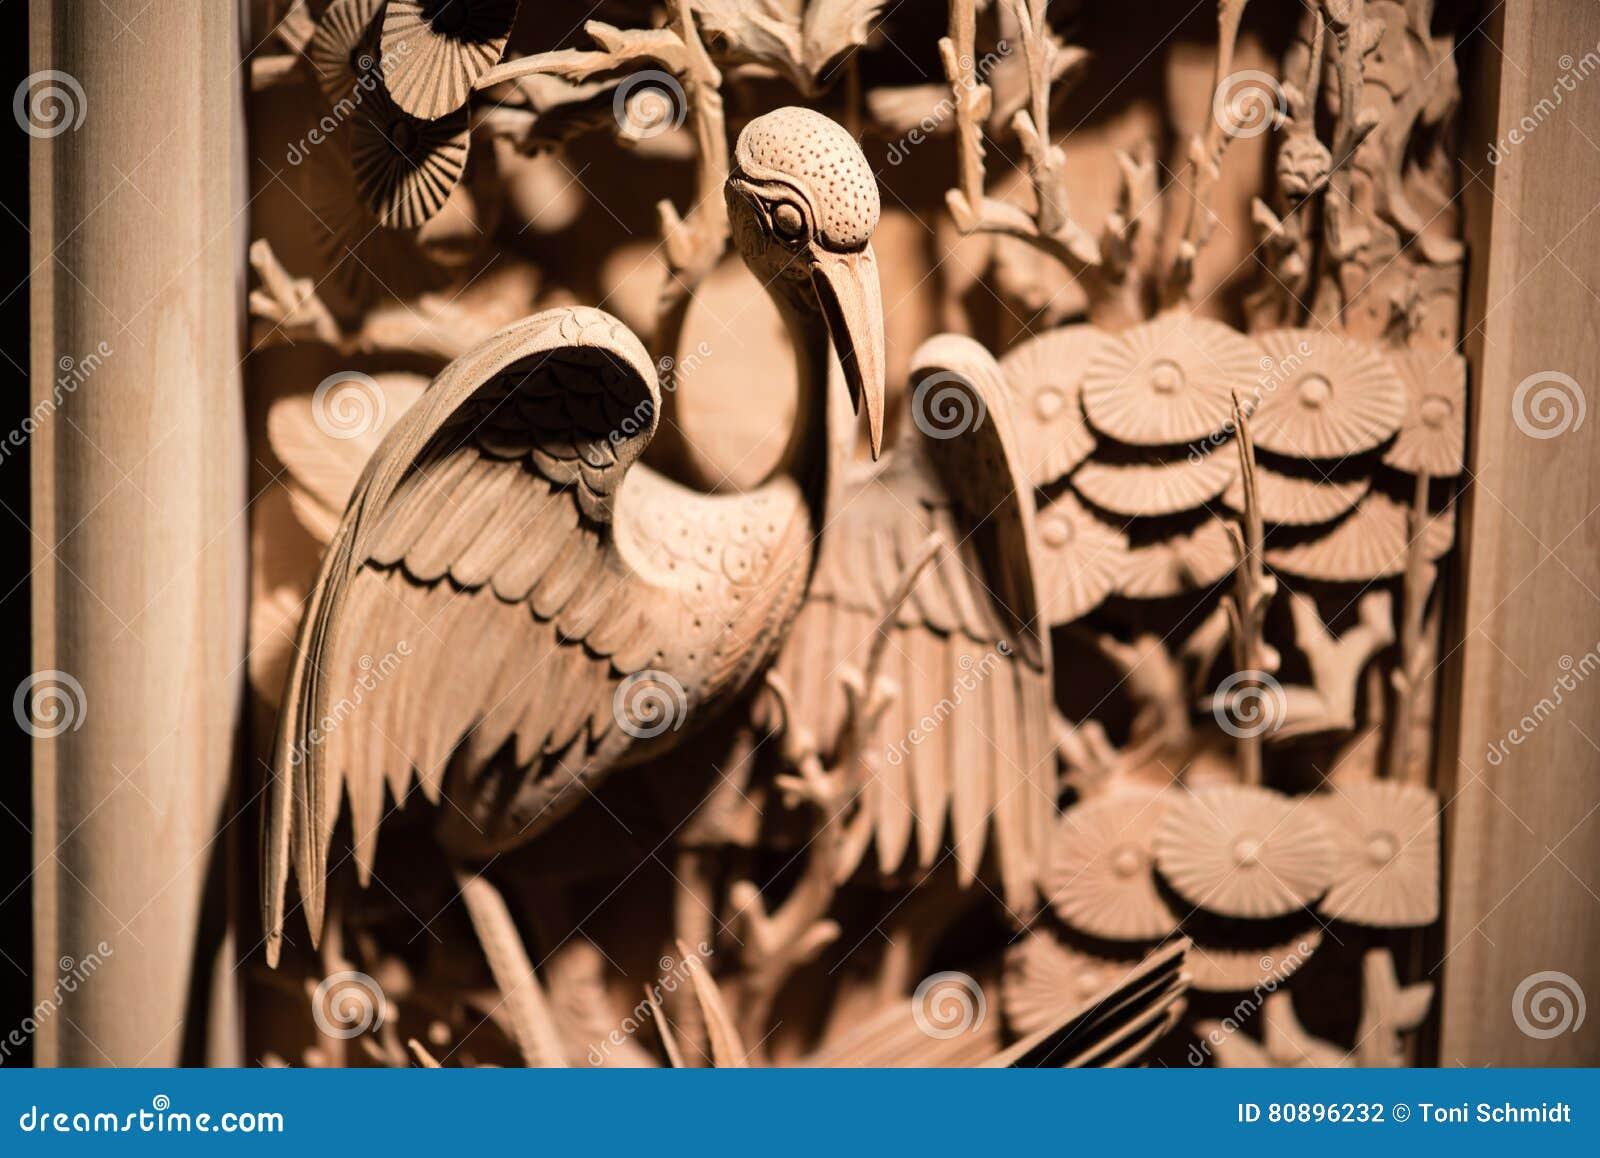 鸟繁体中文木雕